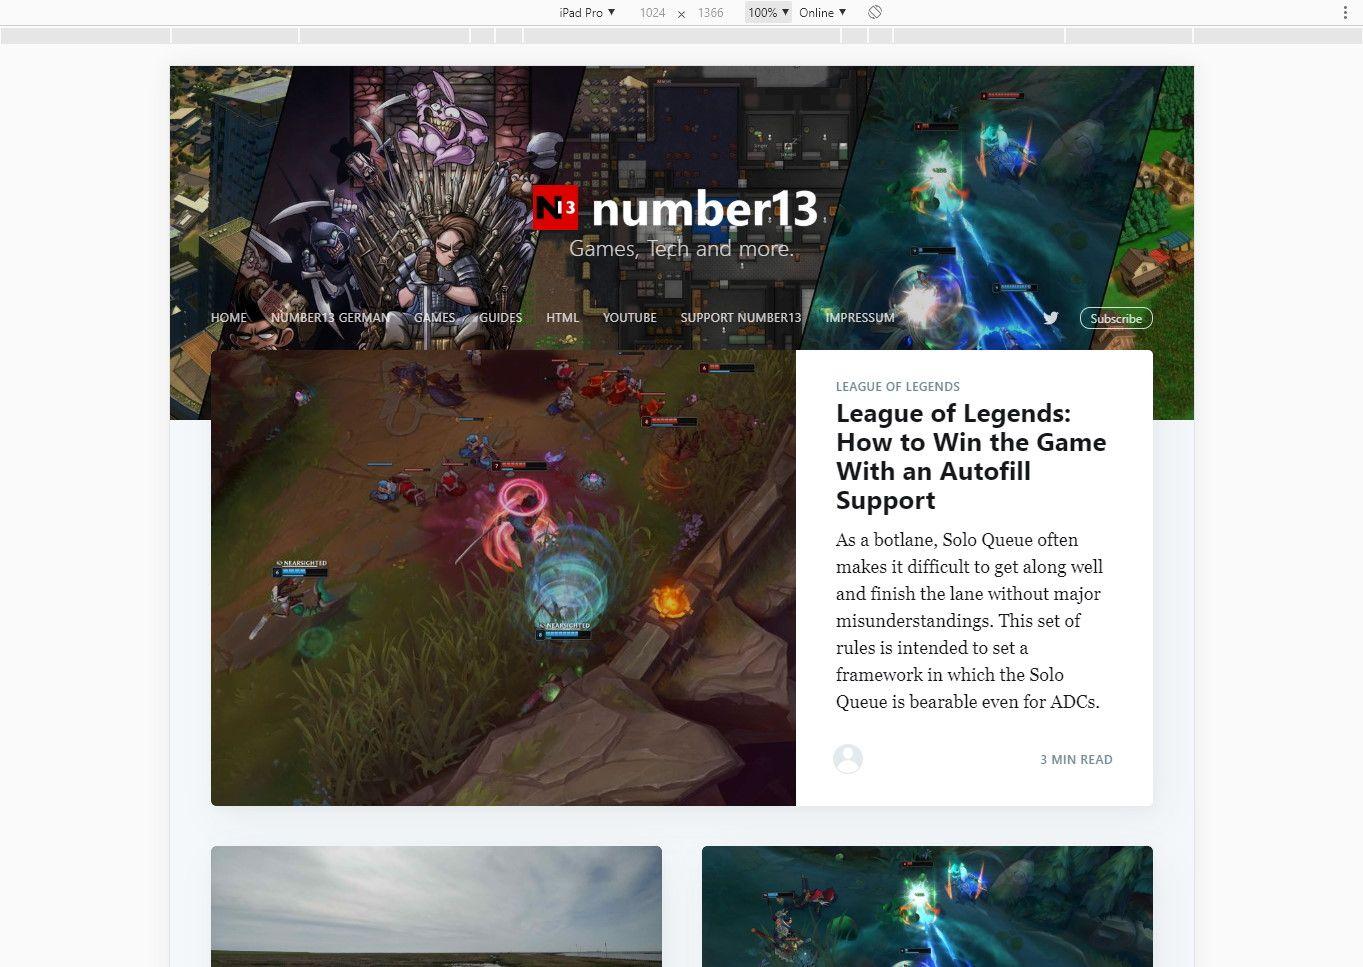 Darstellung des Blogs auf dem iPad.